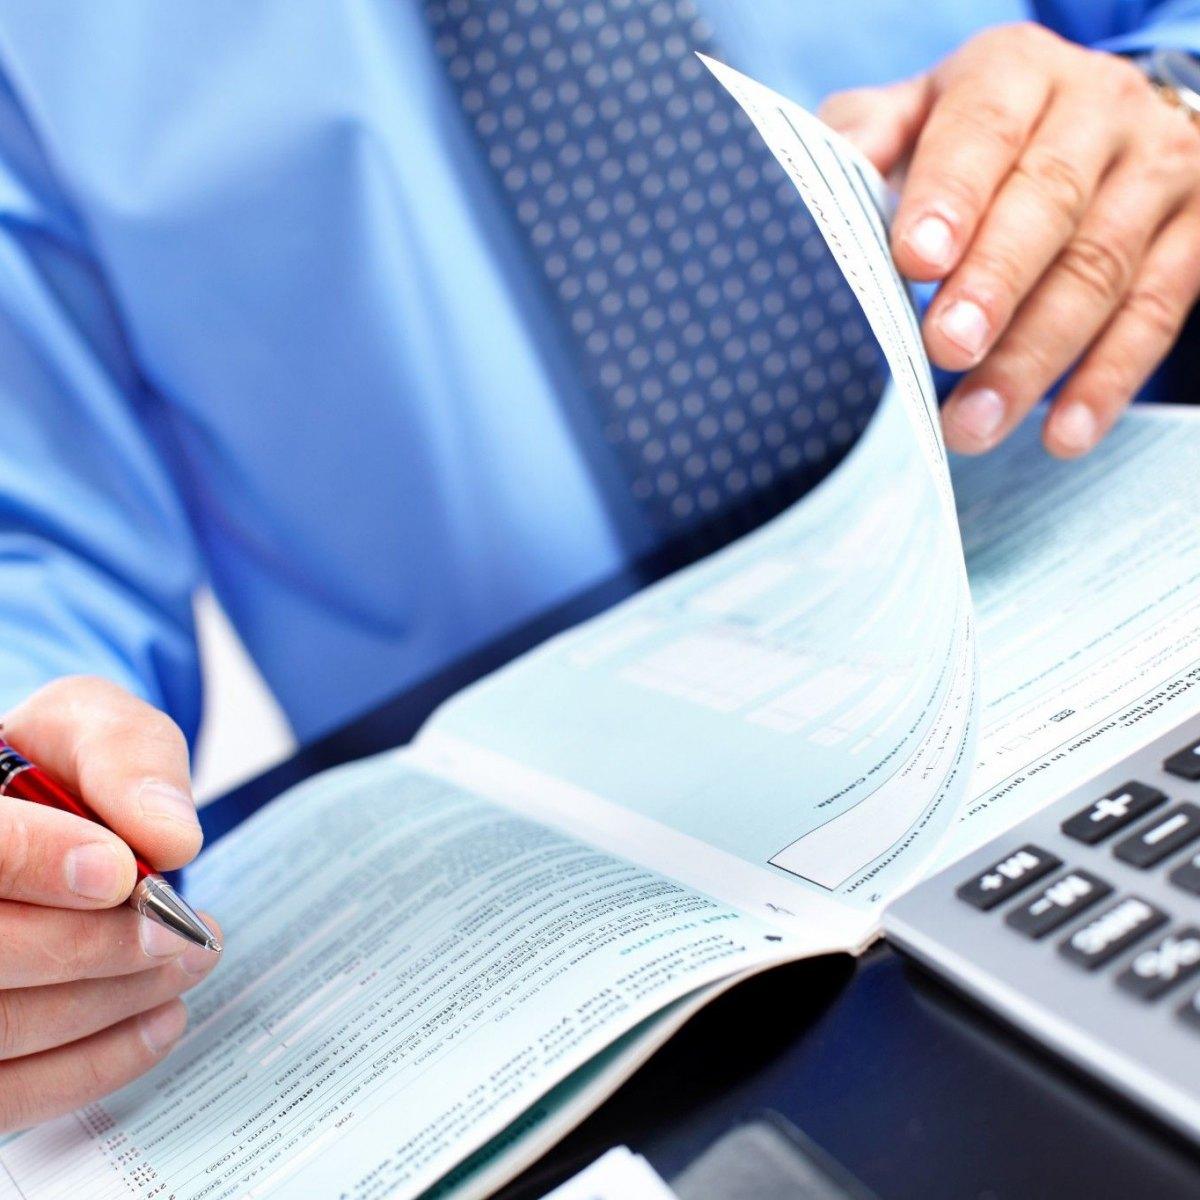 Training Basic Accounting